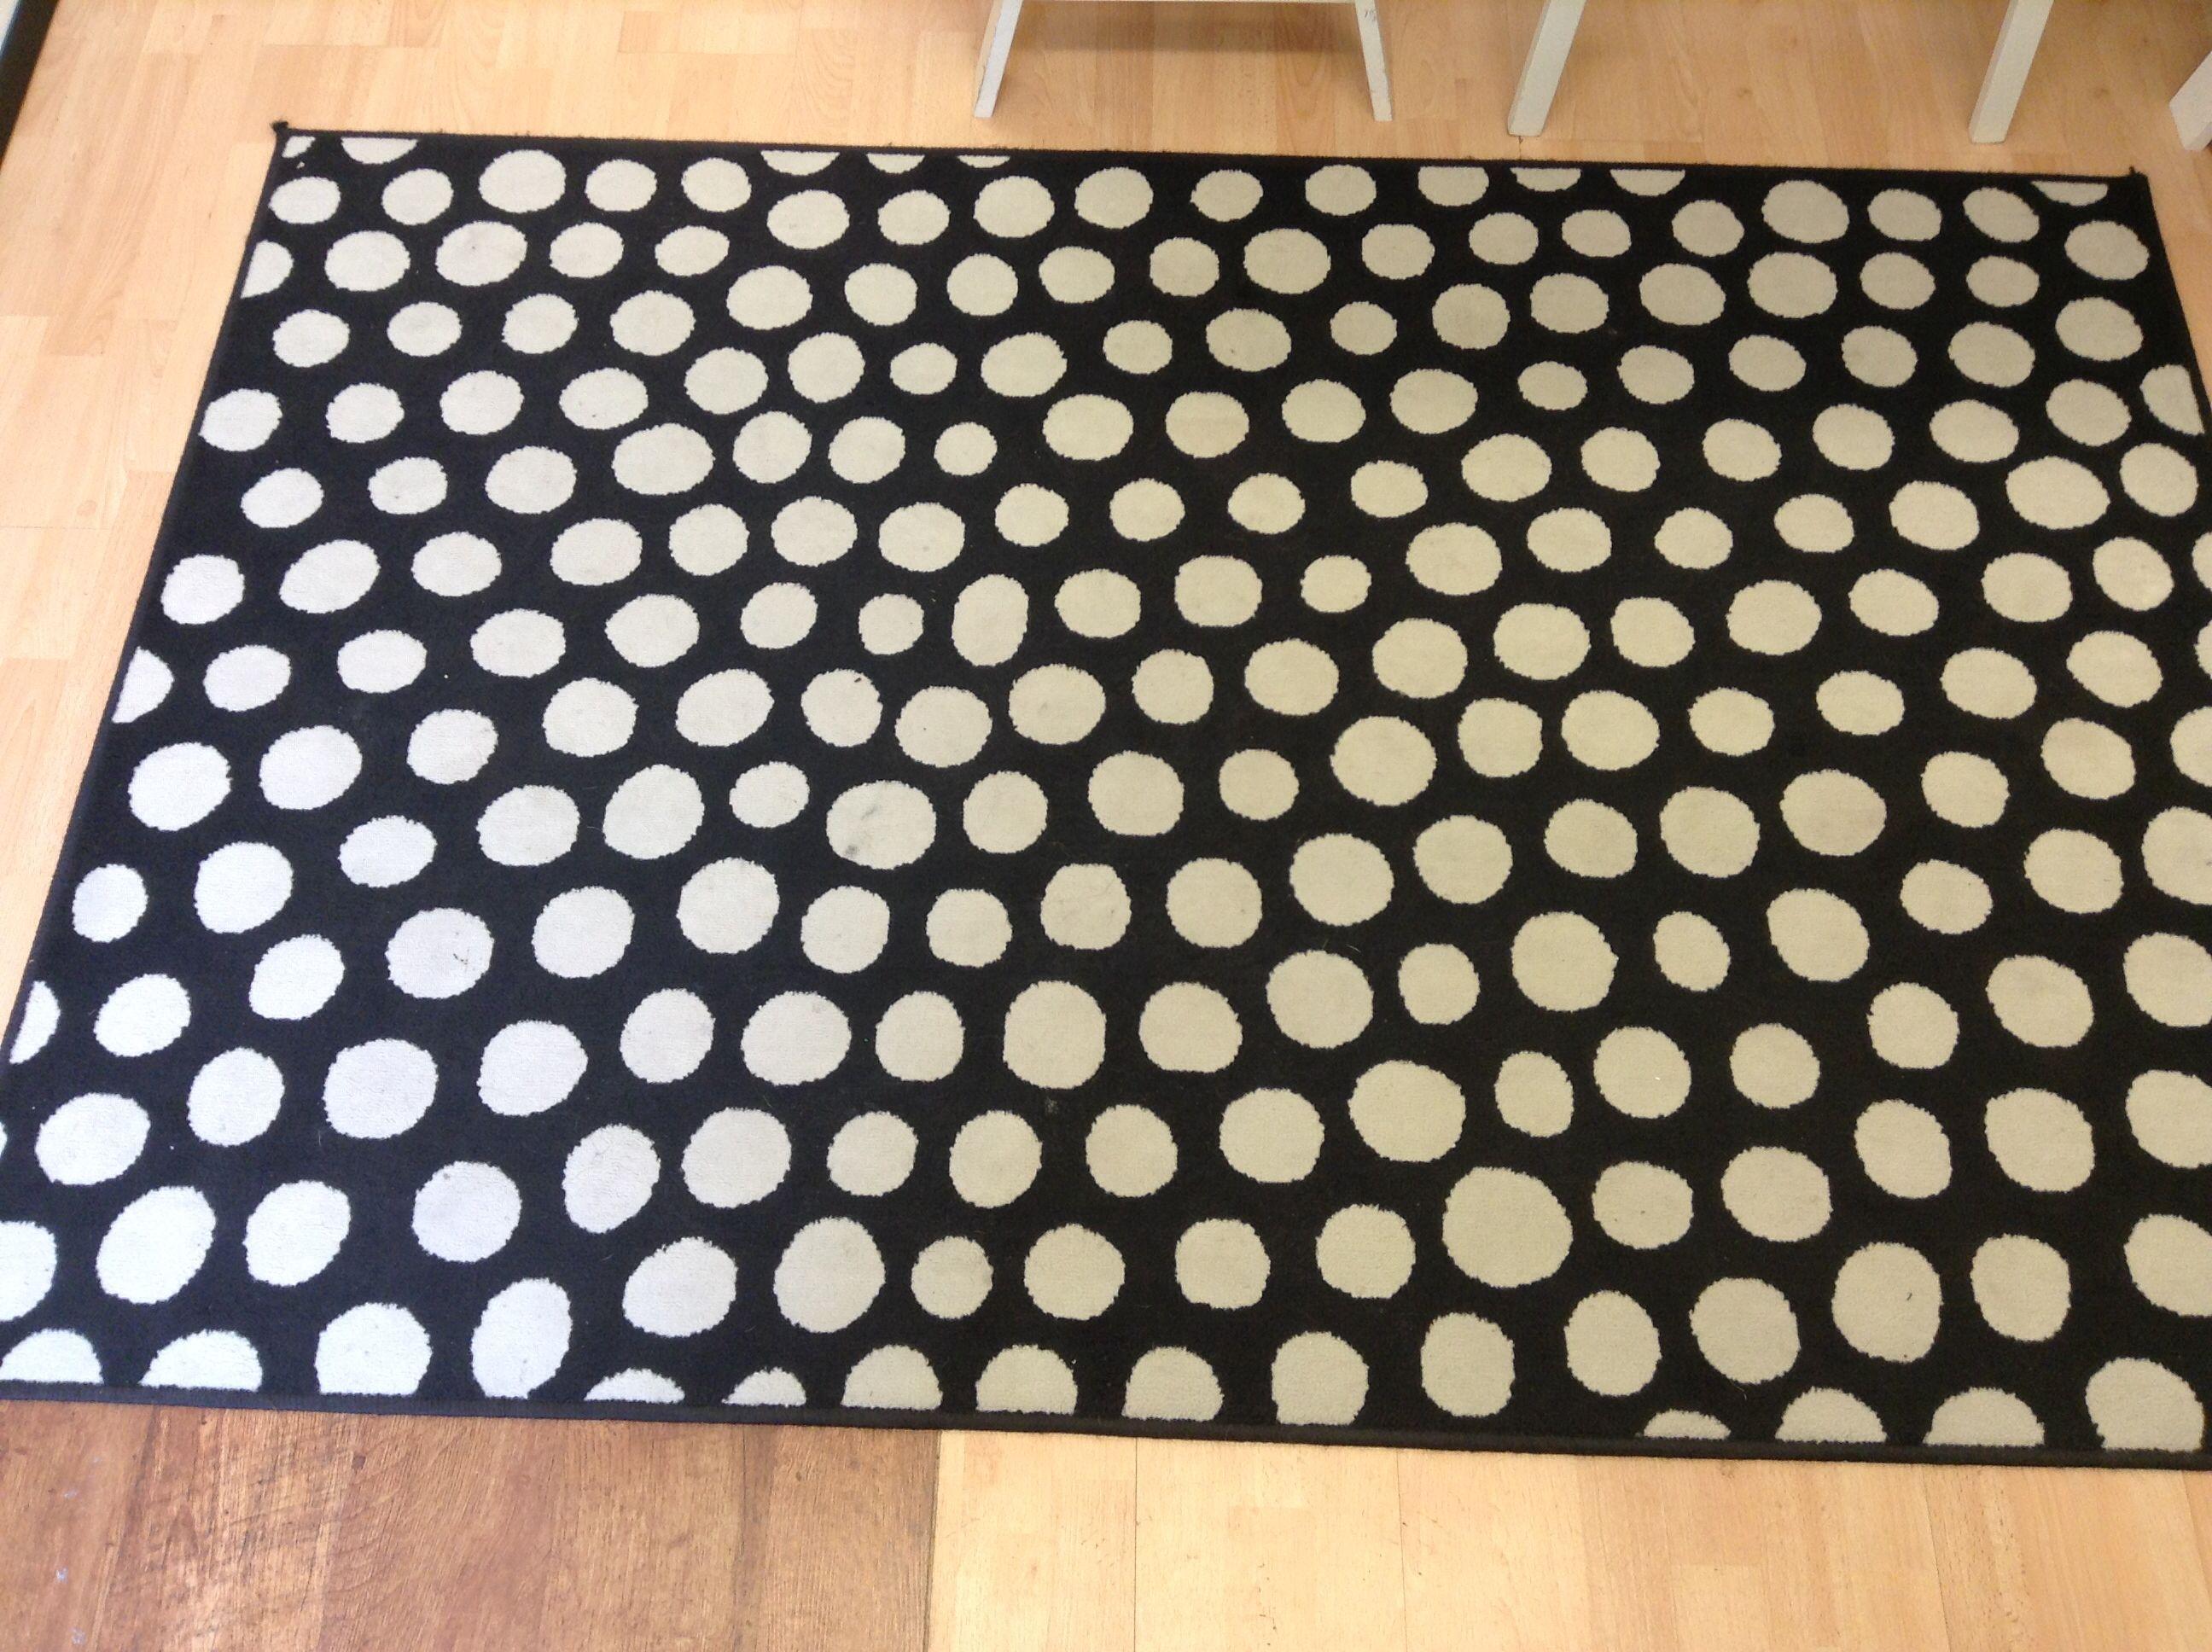 Black White Polka Dot Rug Ikea Polka Dot Rug Polka Dot